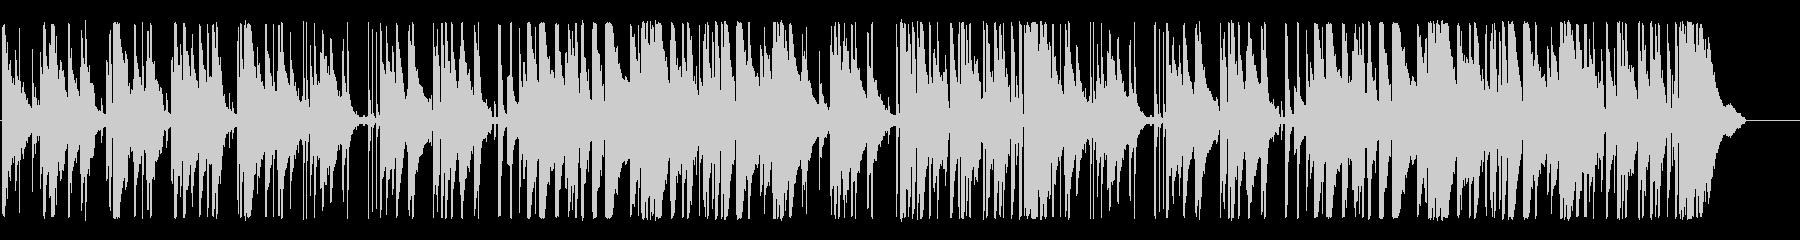 ジャズ、ピアノの未再生の波形